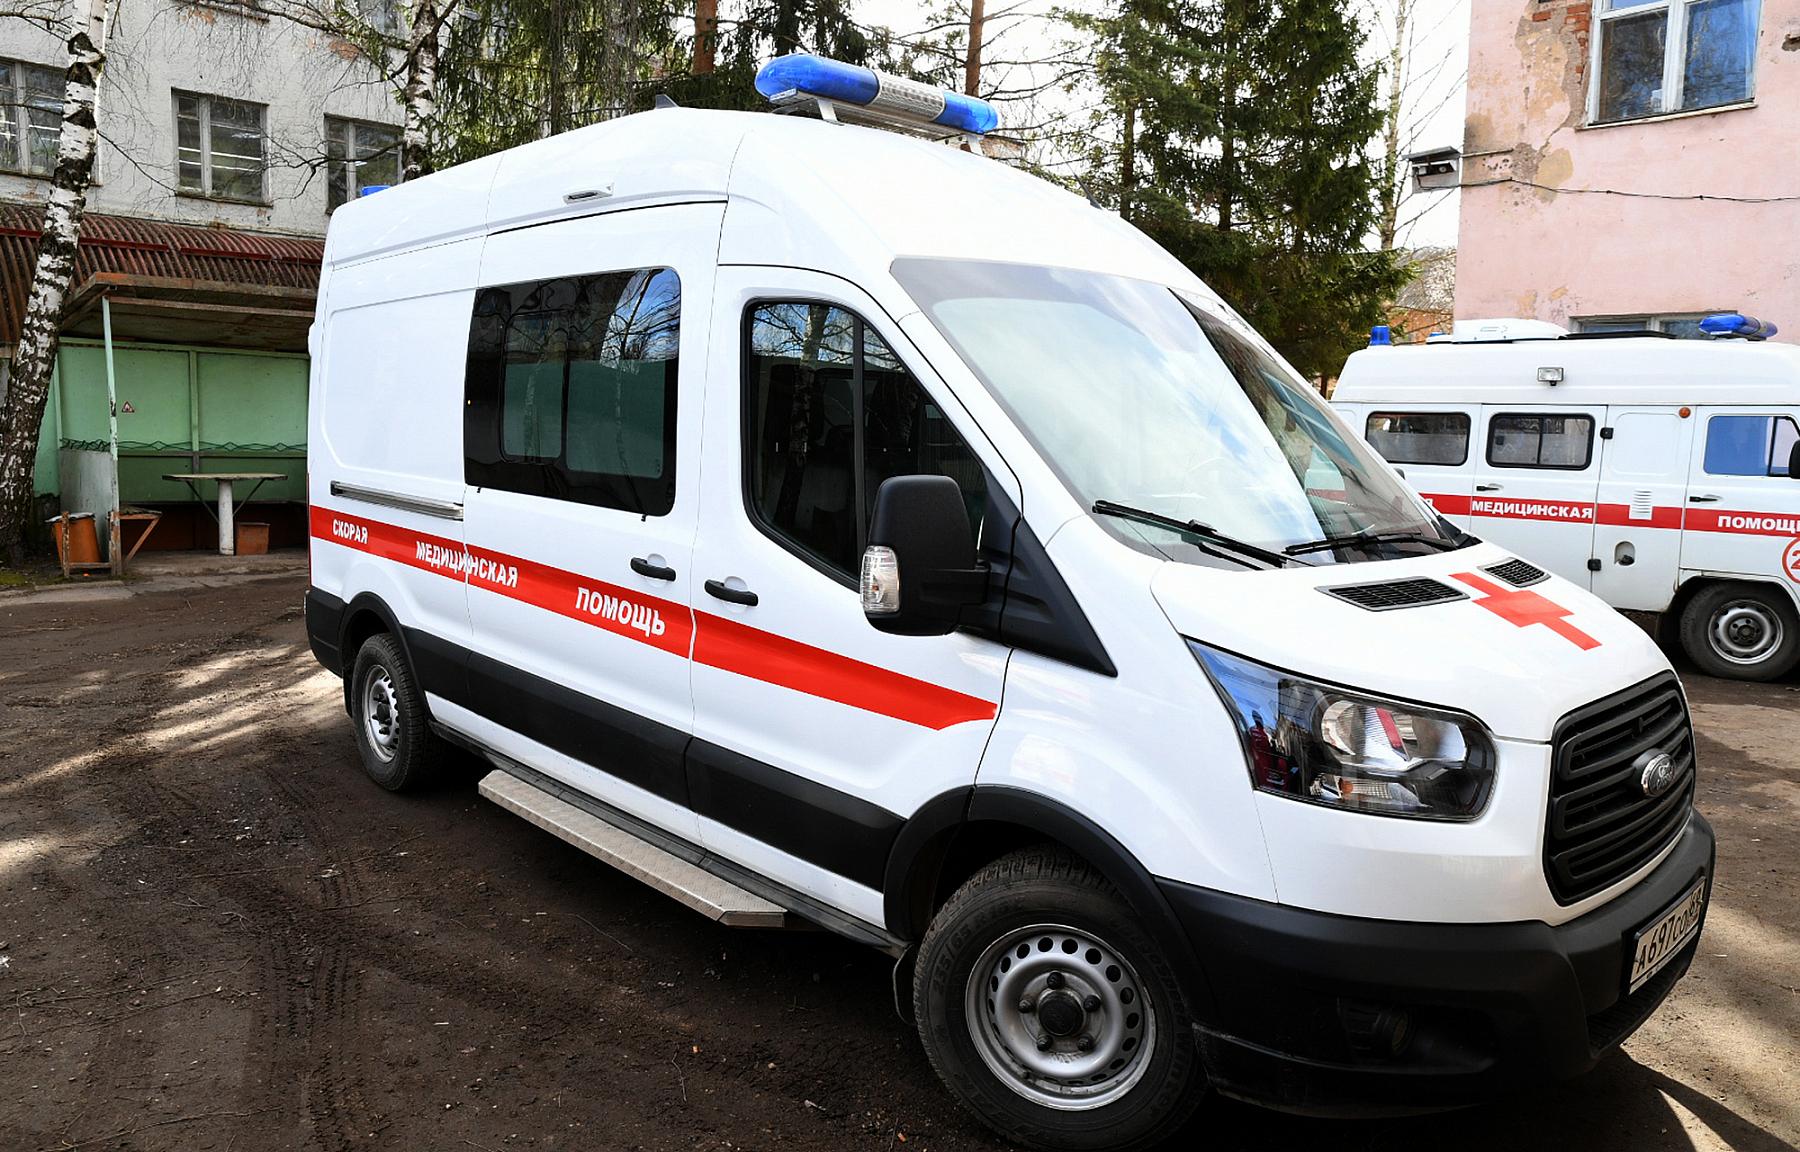 Вышневолоцкую и Ржевскую станции скорой помощи ждет ремонт